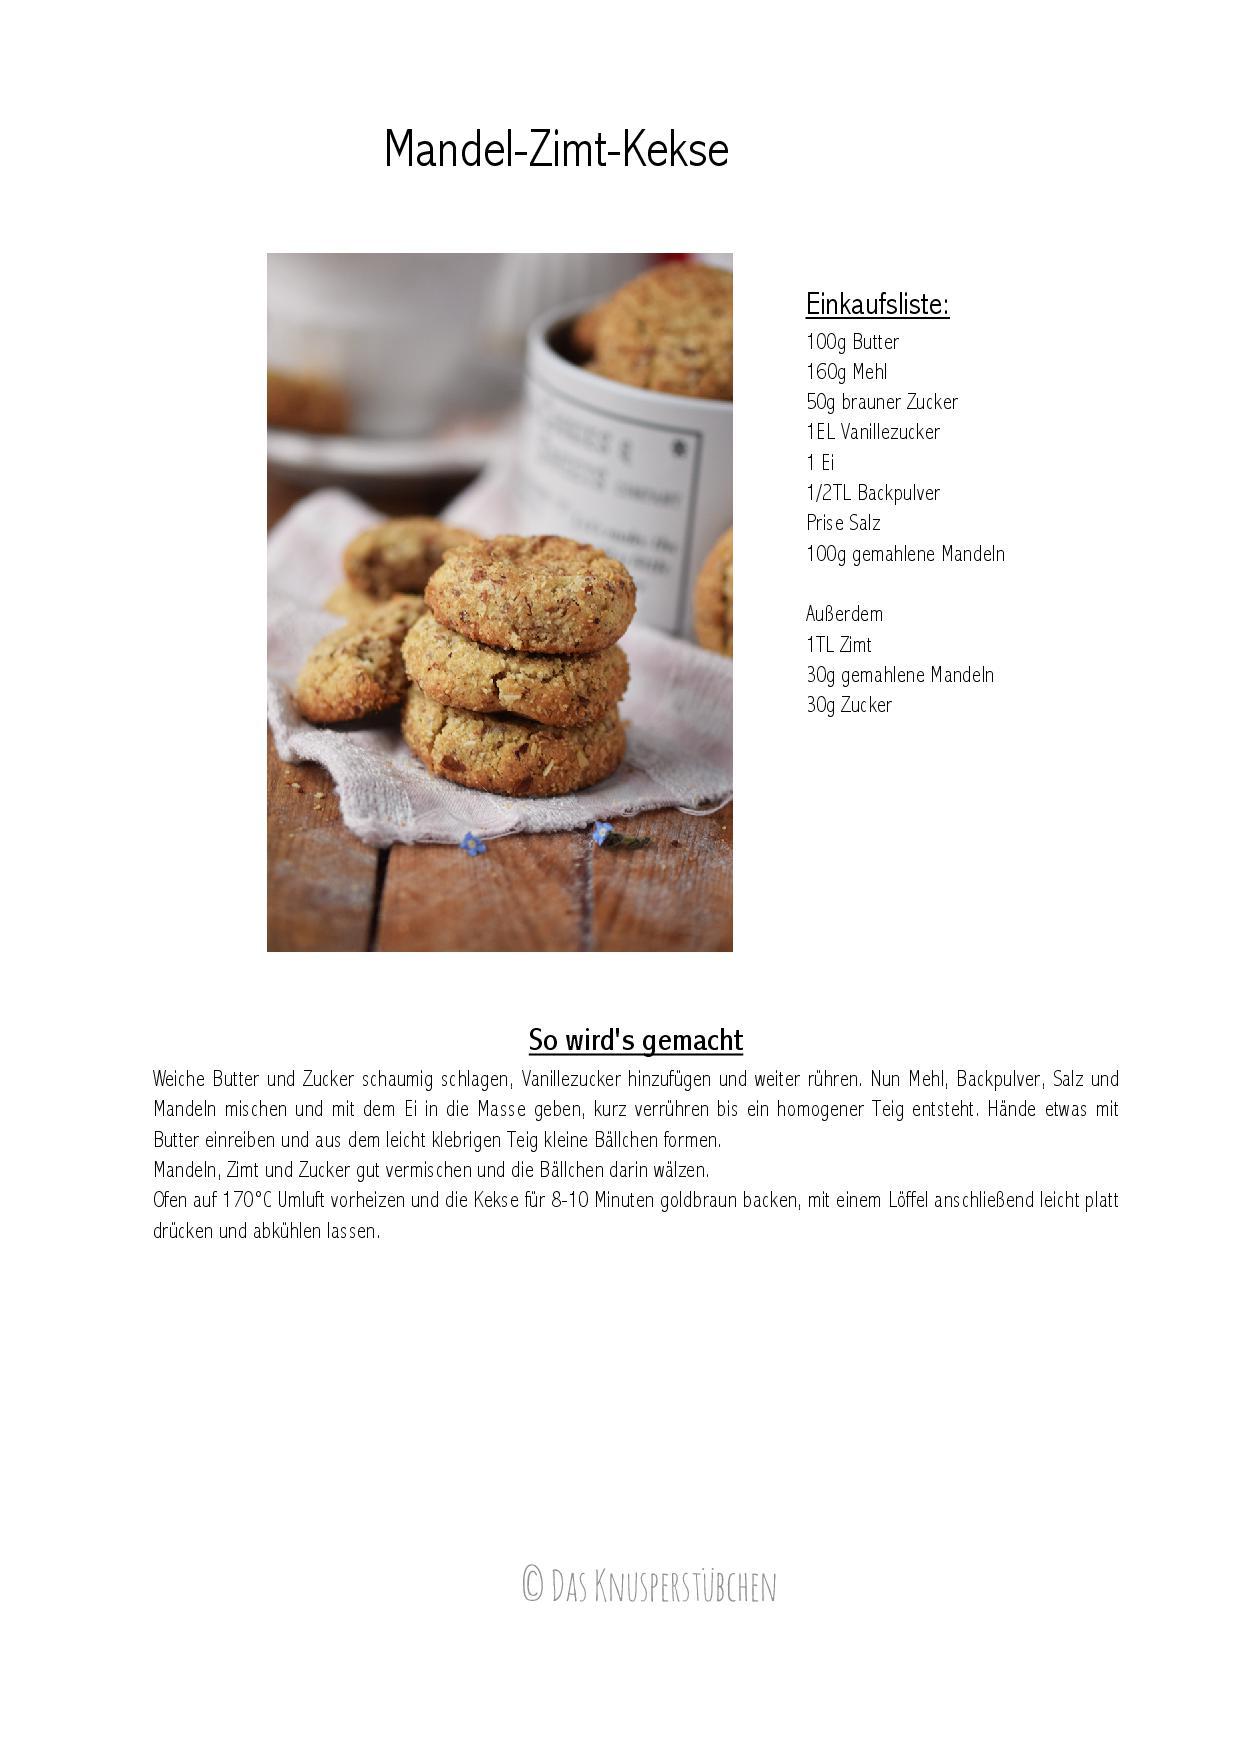 mandel-zimt-kekse-001